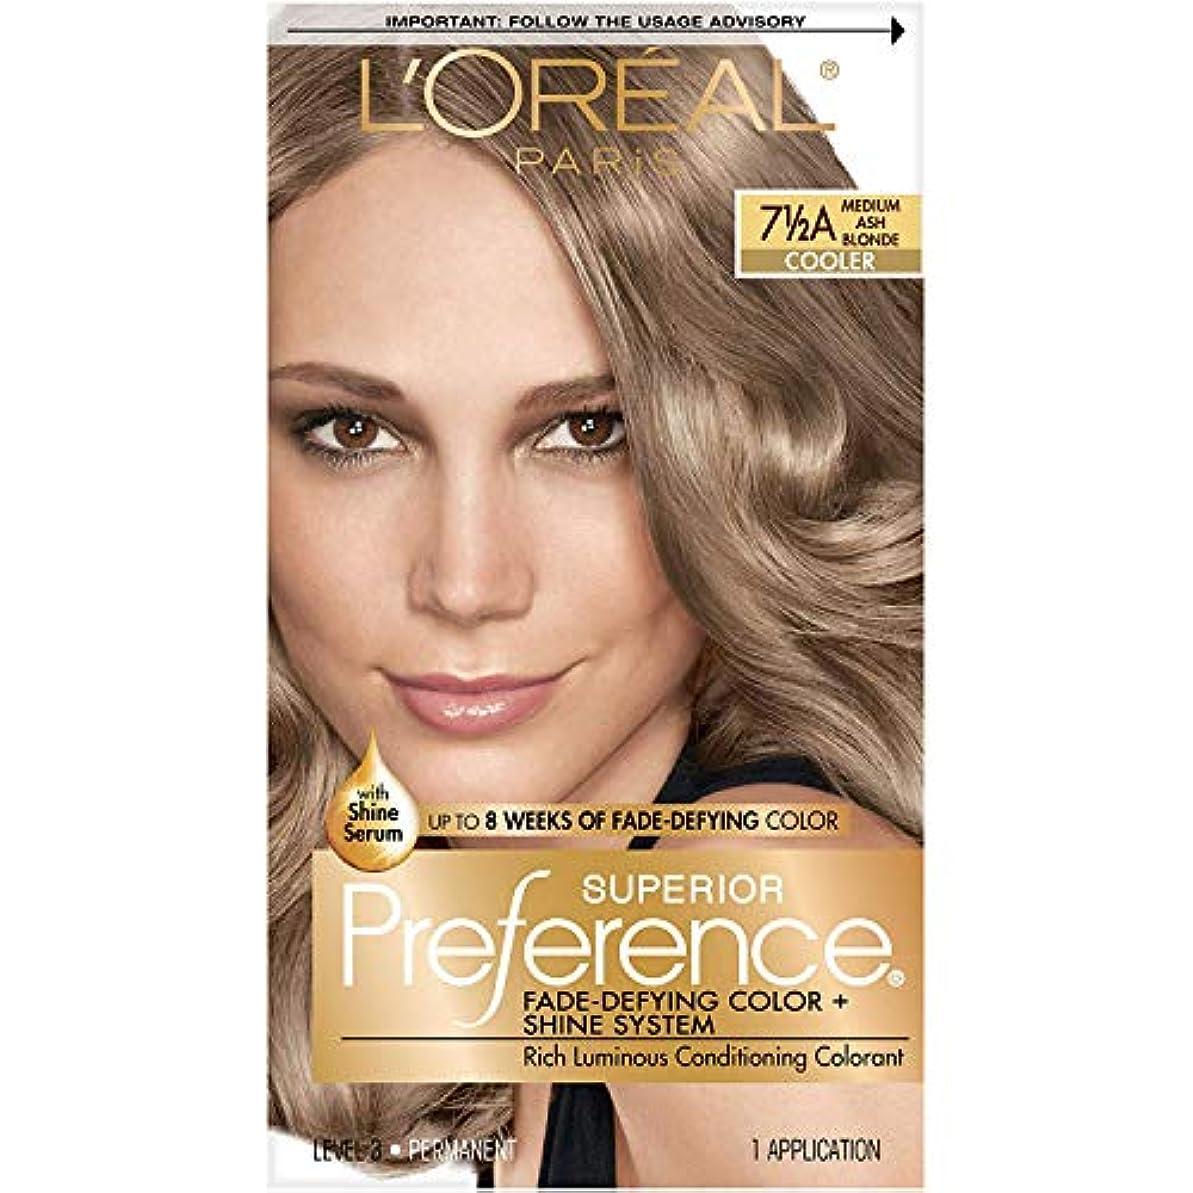 識別キャプテンブライ制裁海外直送肘 LOreal Superior Preference Hair Color Medium Ash Blonde, Medium Ash Blonde 1 each